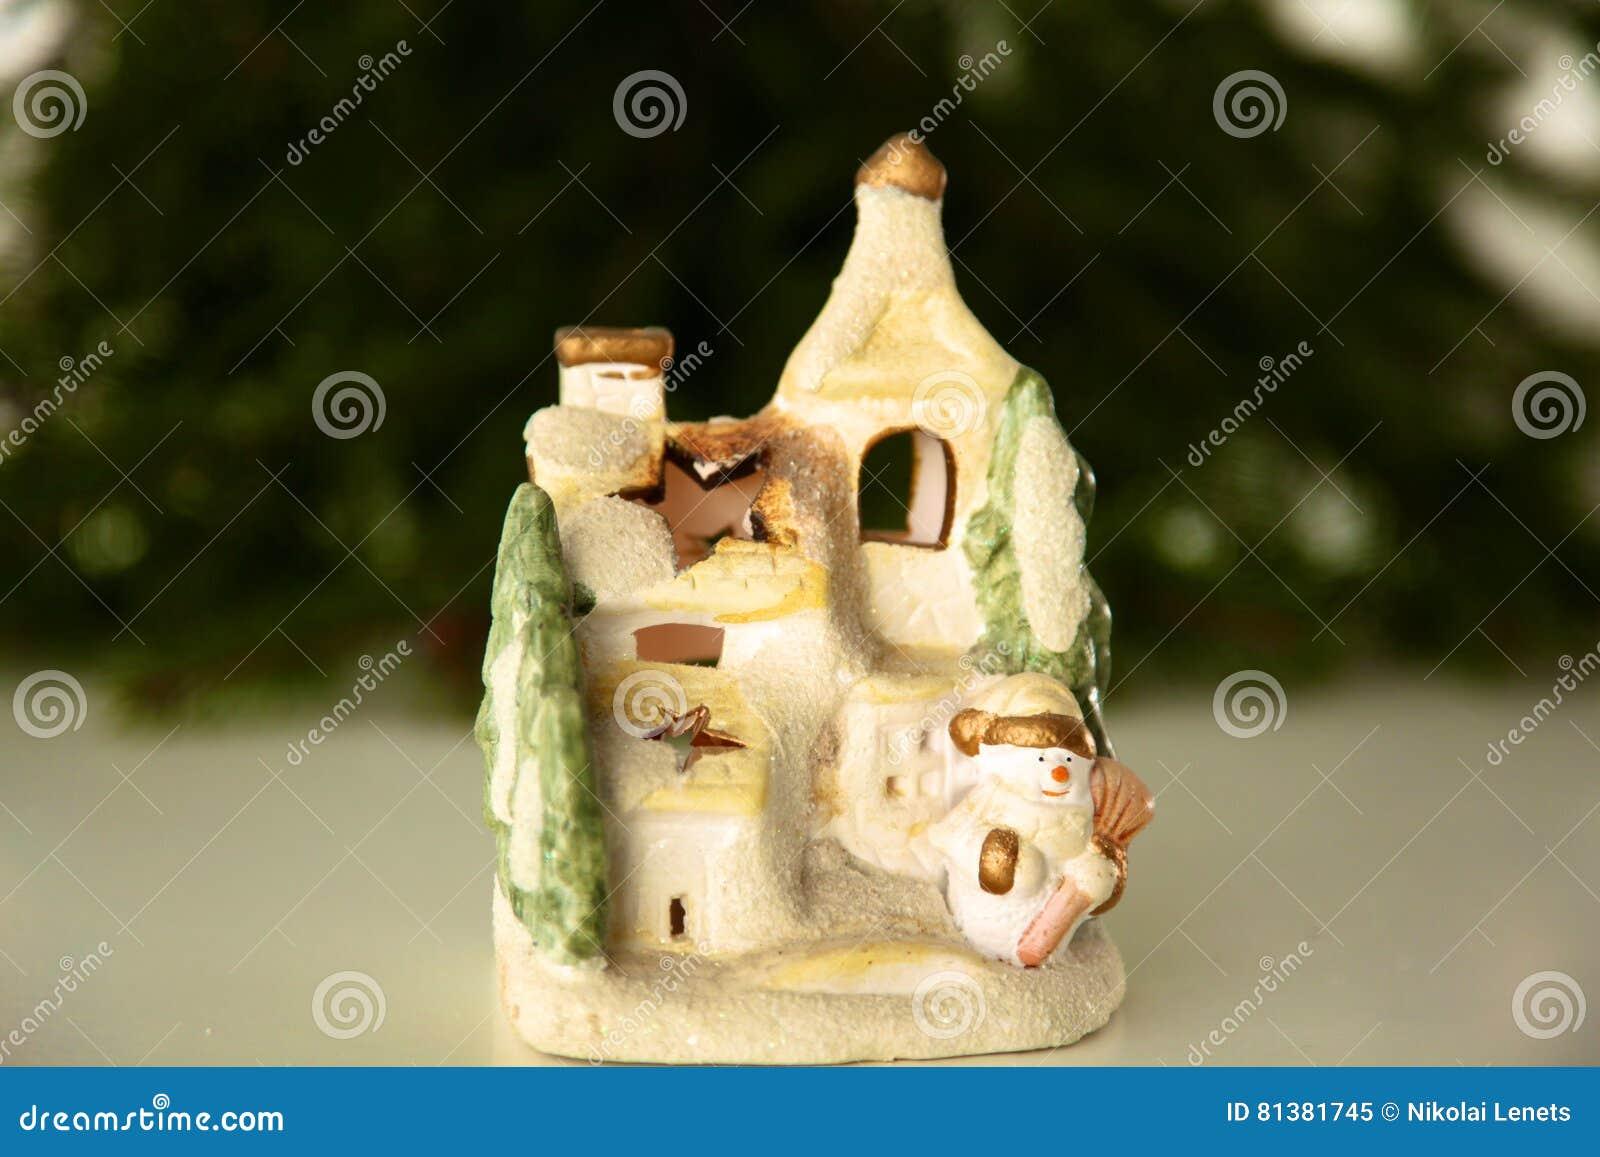 Schöne Weihnachtszusammensetzung mit kleinem Vogelhaus